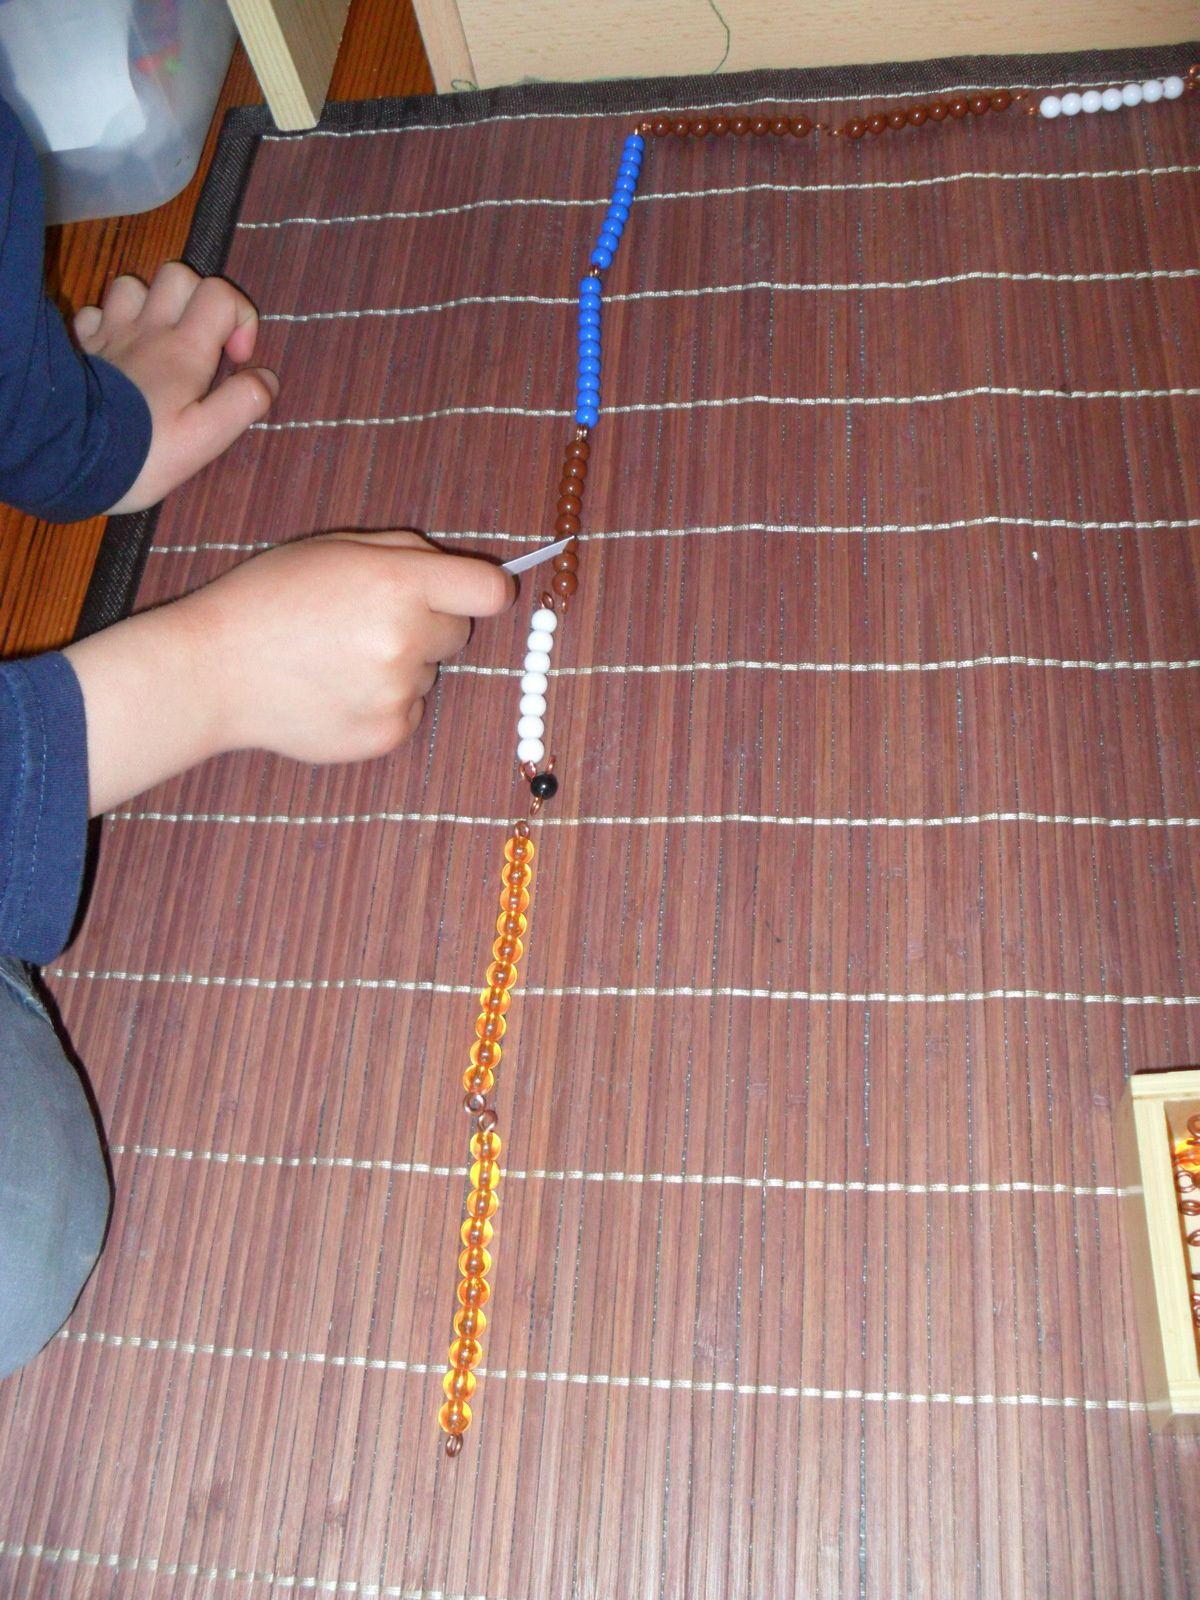 Mathieu compte les perles et quand il arrive à 10, il met sa cale blanche et transforme ses perles : les 10 perles comptées en barrette dorée et le reste en barrette noire et blanche.